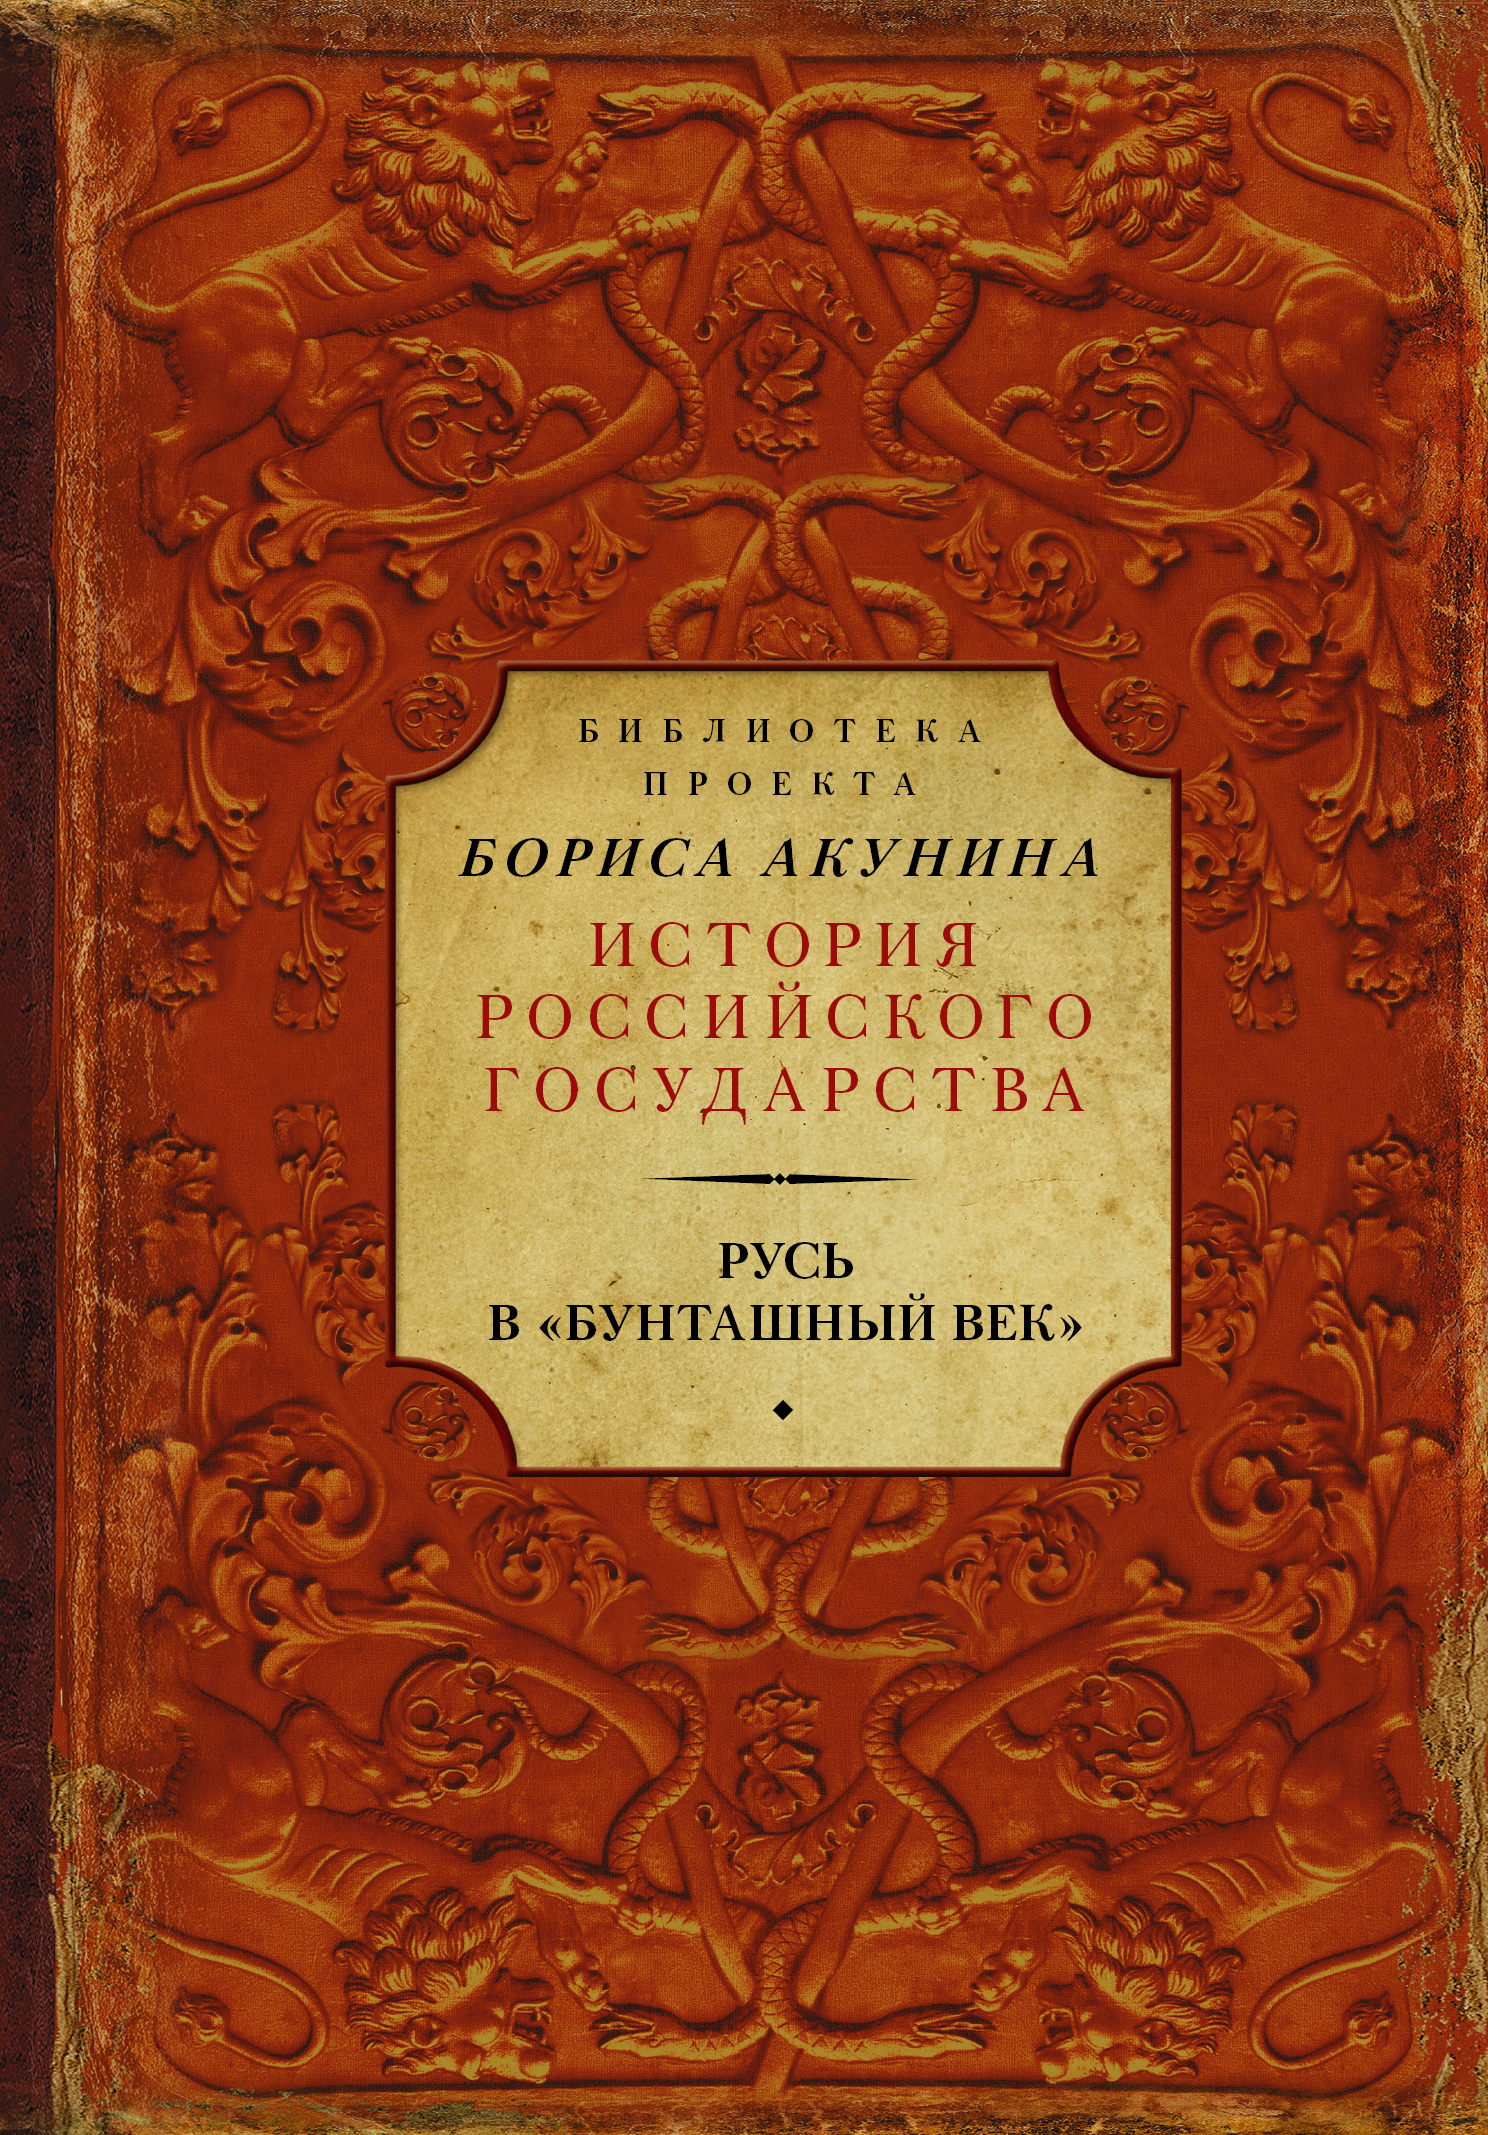 Николай Карамзин, Сергей Соловьев, Василий Ключевский Русь в Бунташный век